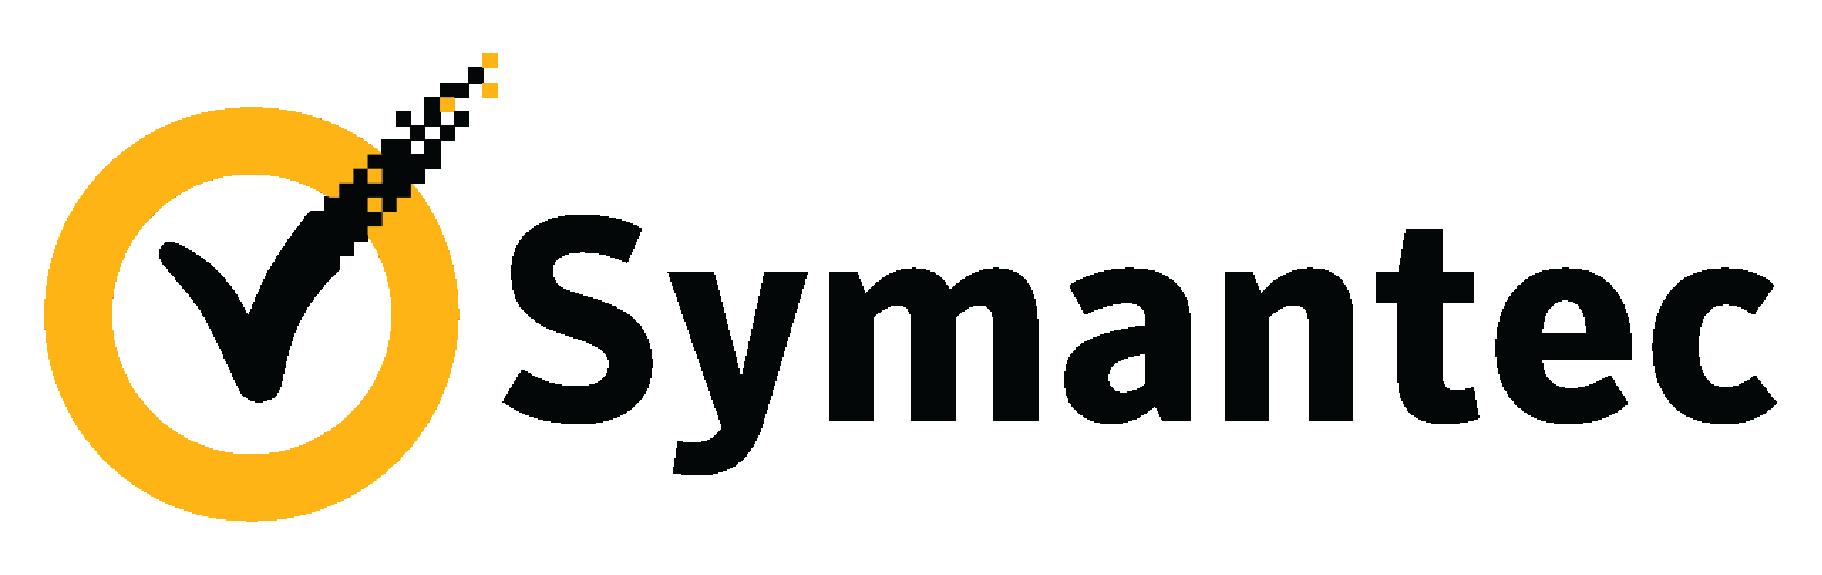 SYMC-1